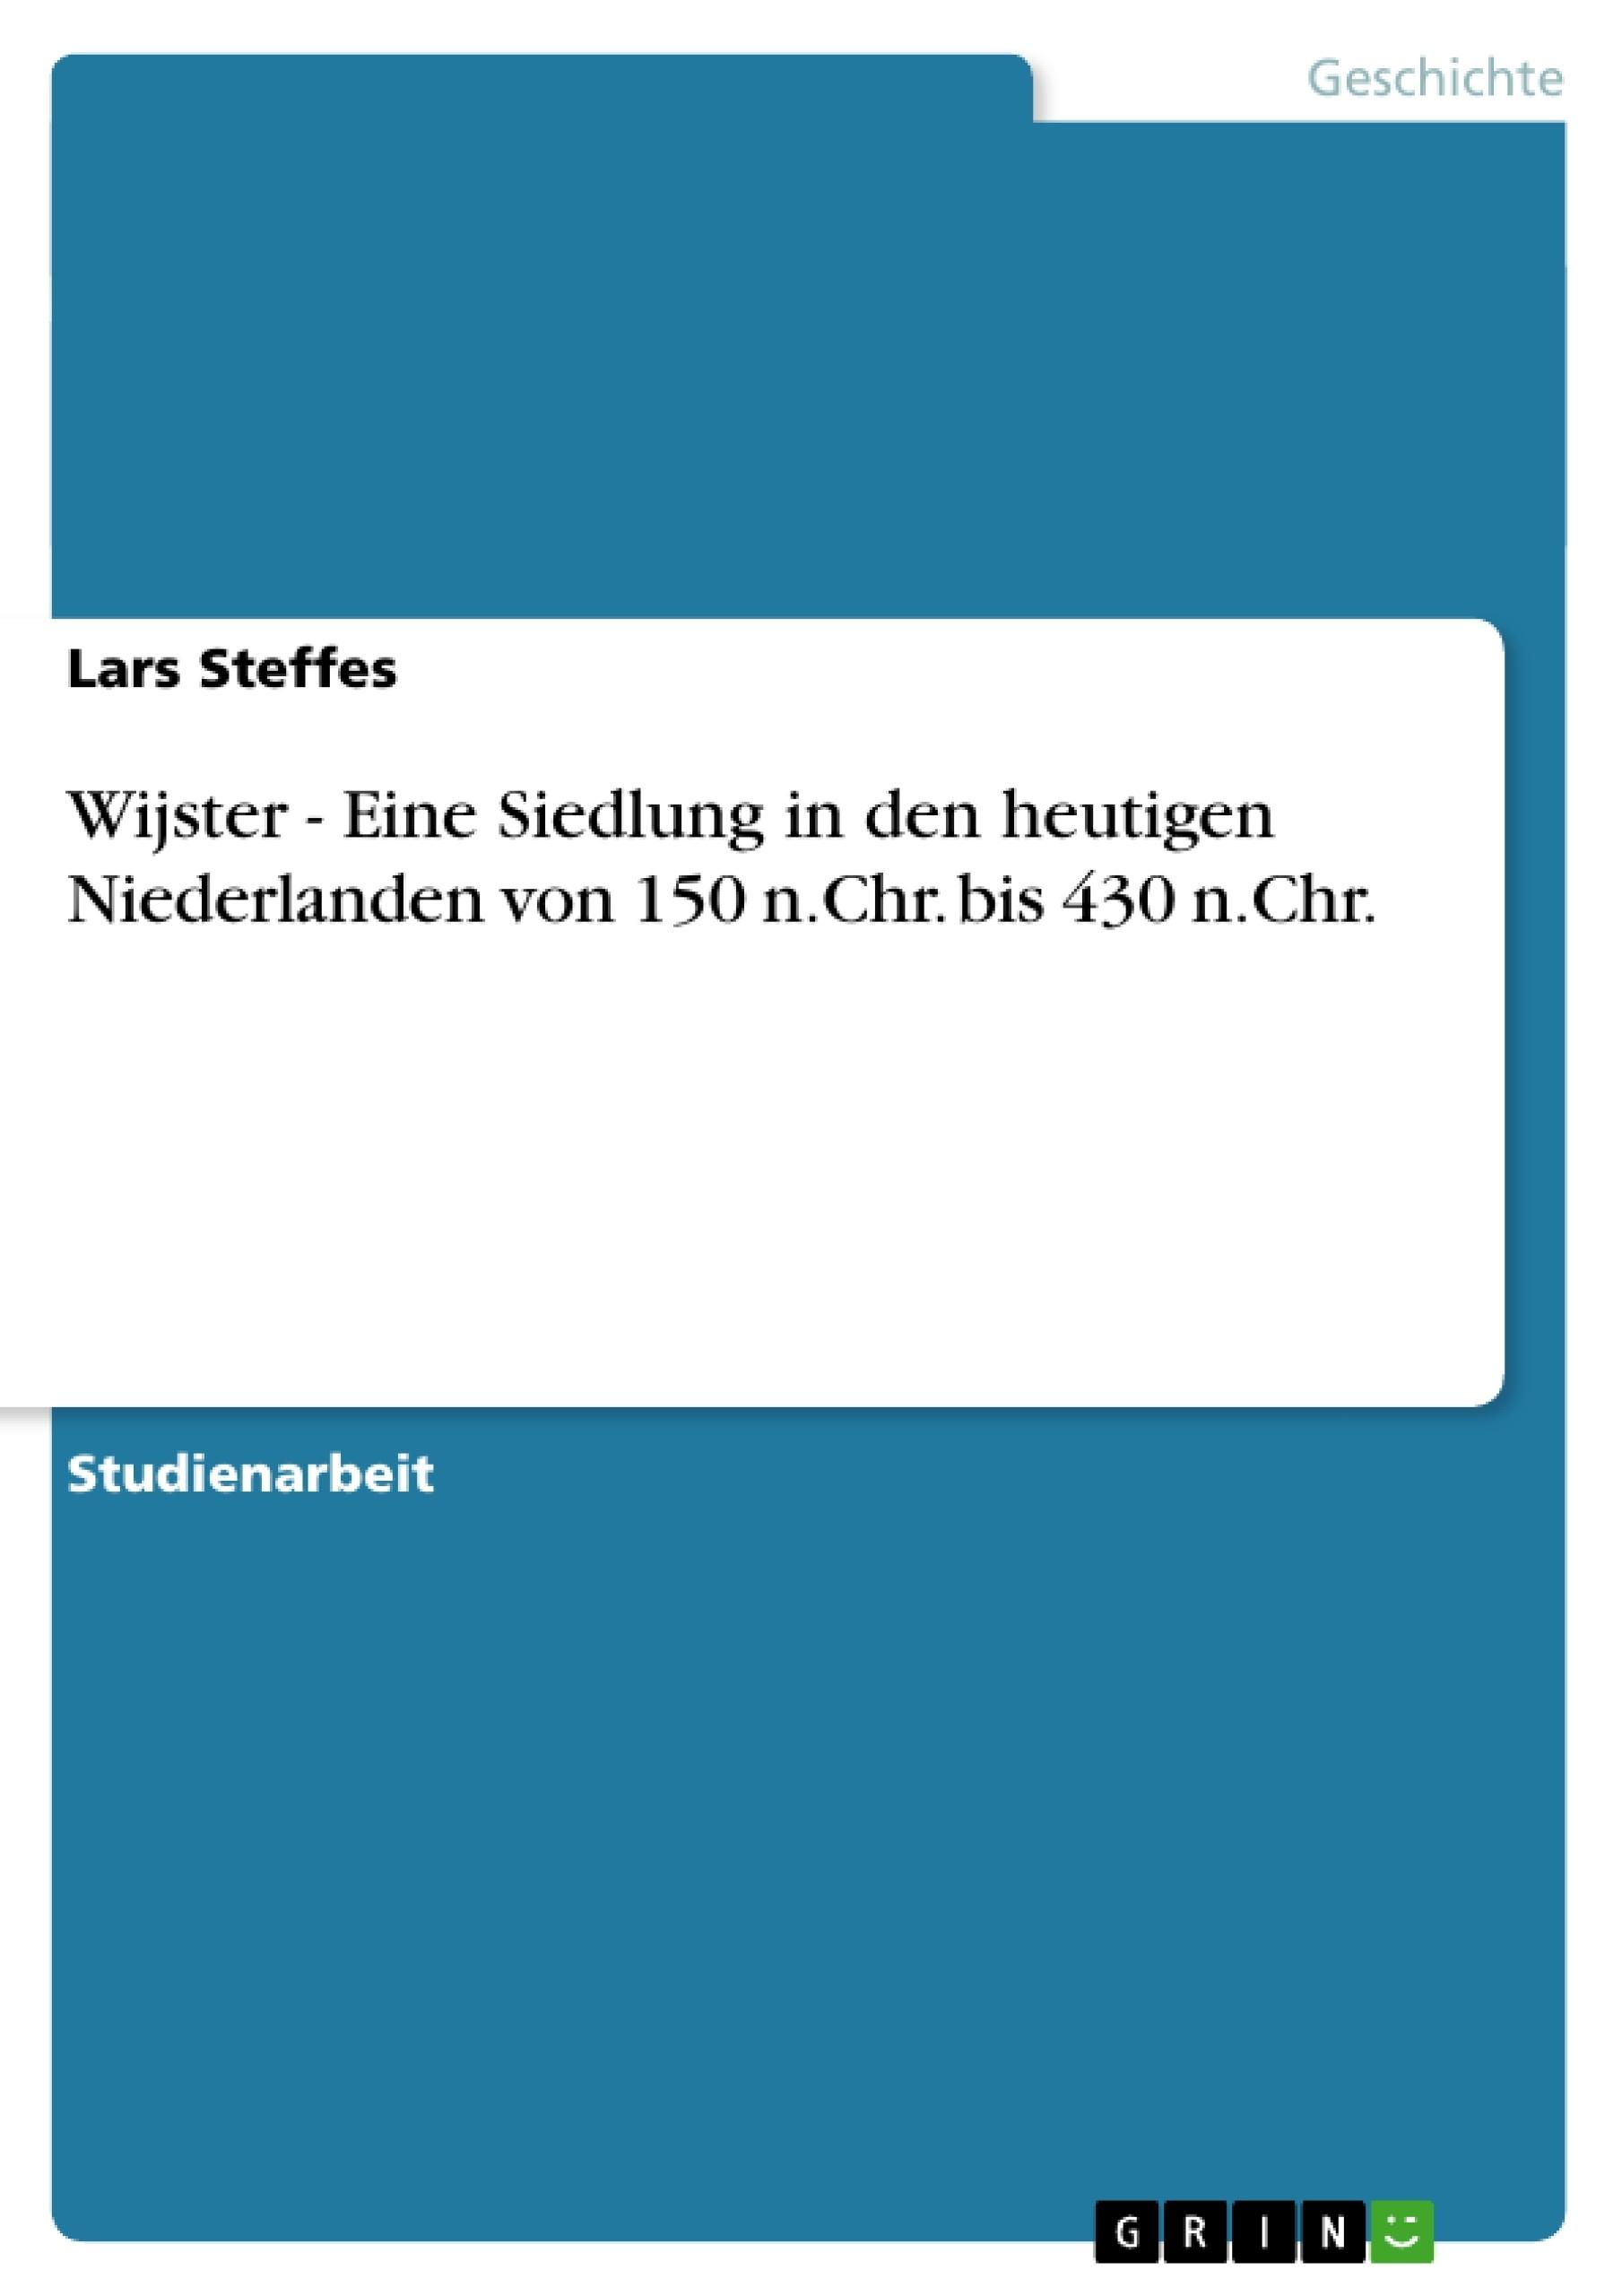 Titel: Wijster - Eine Siedlung in den heutigen Niederlanden von 150 n.Chr. bis 430 n.Chr.